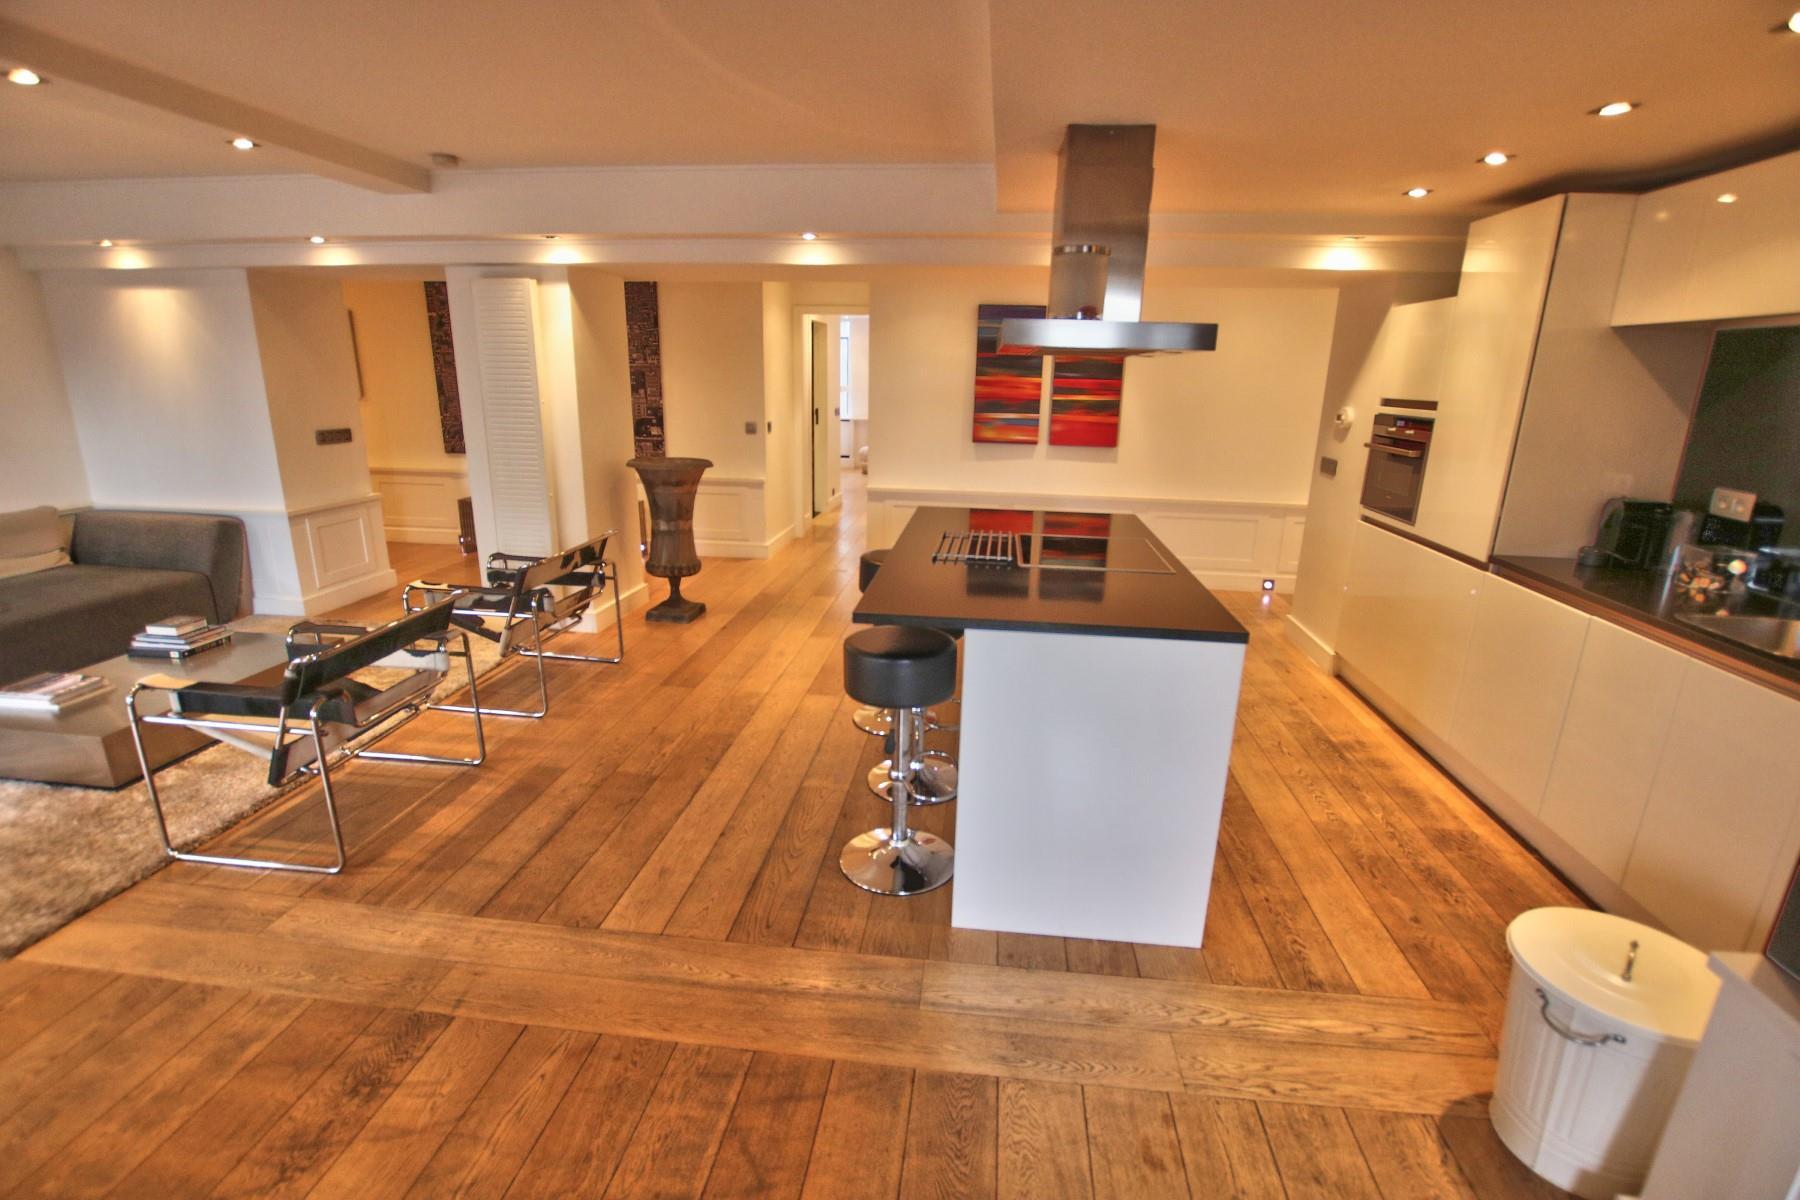 Appartement exceptionnel - Ixelles - #4030098-3